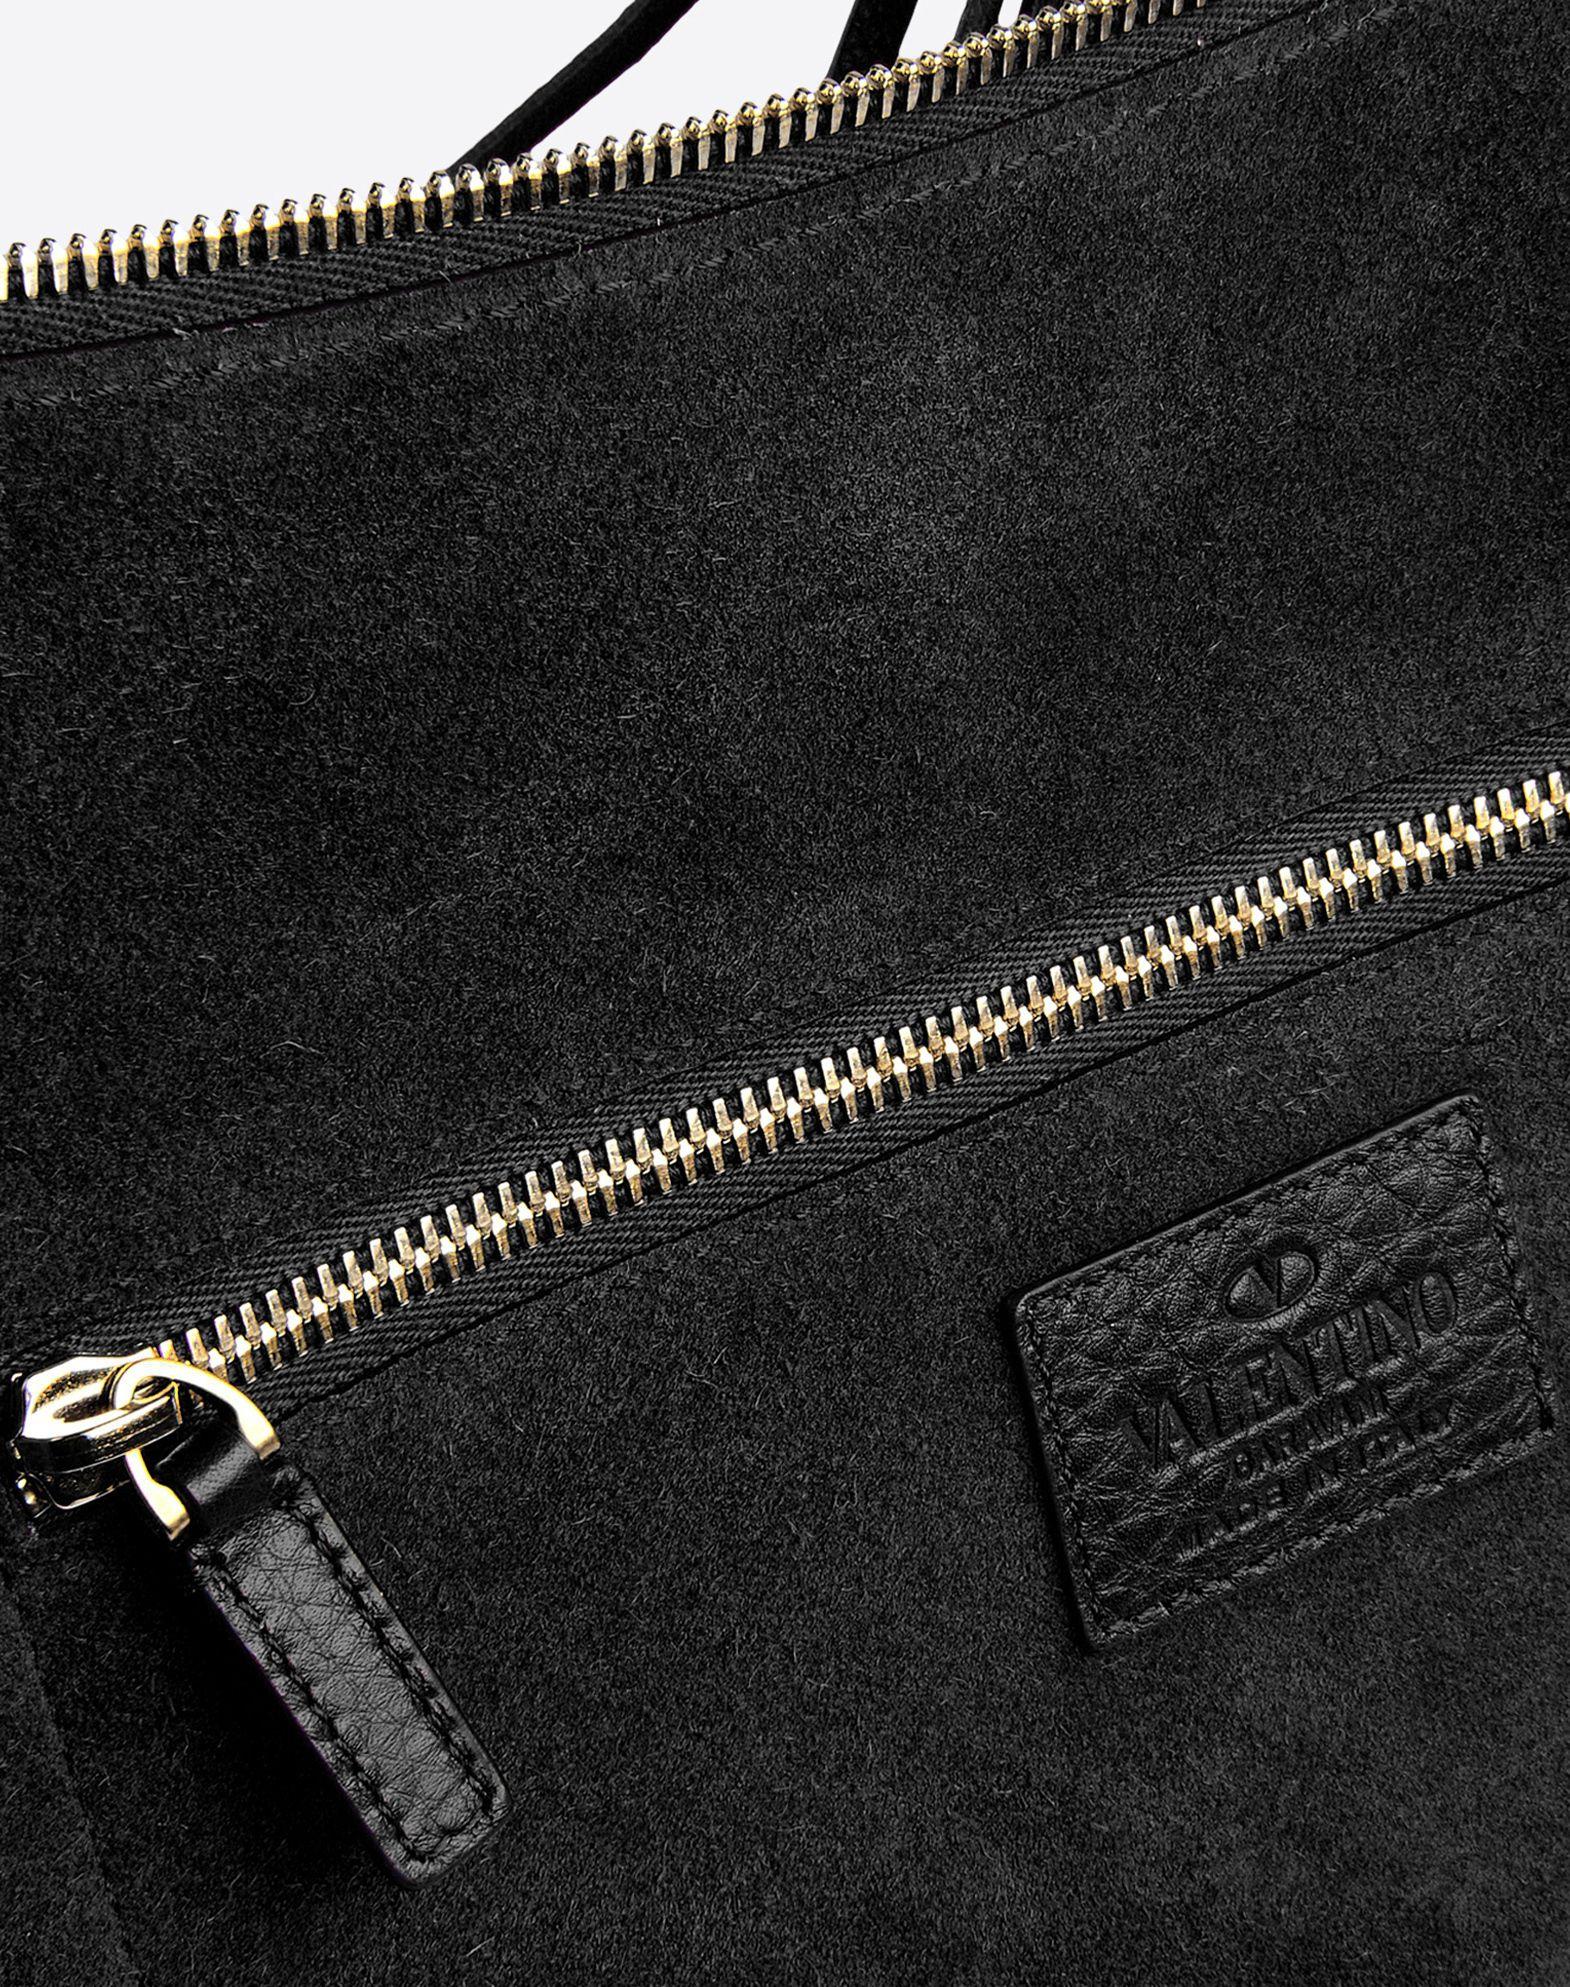 VALENTINO Internal pockets Adjustable shoulder straps Fringe Metal Applications Textured leather Solid color Zip closure Logo detail  45215874ns